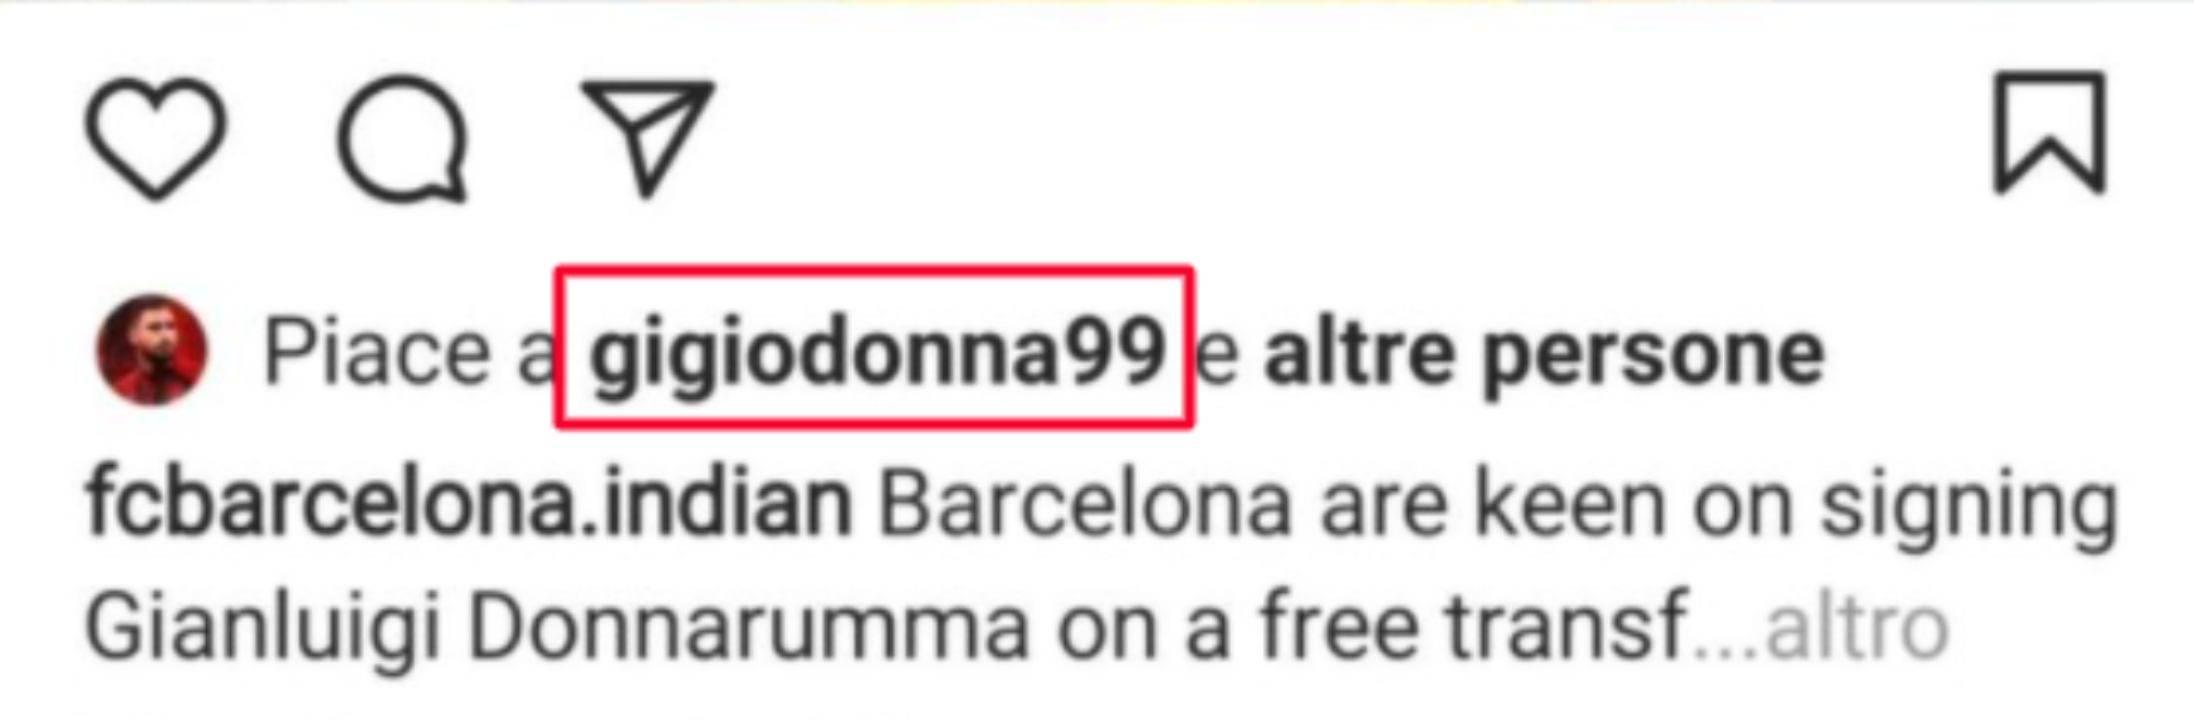 Il like di Donnarumma su Instagram